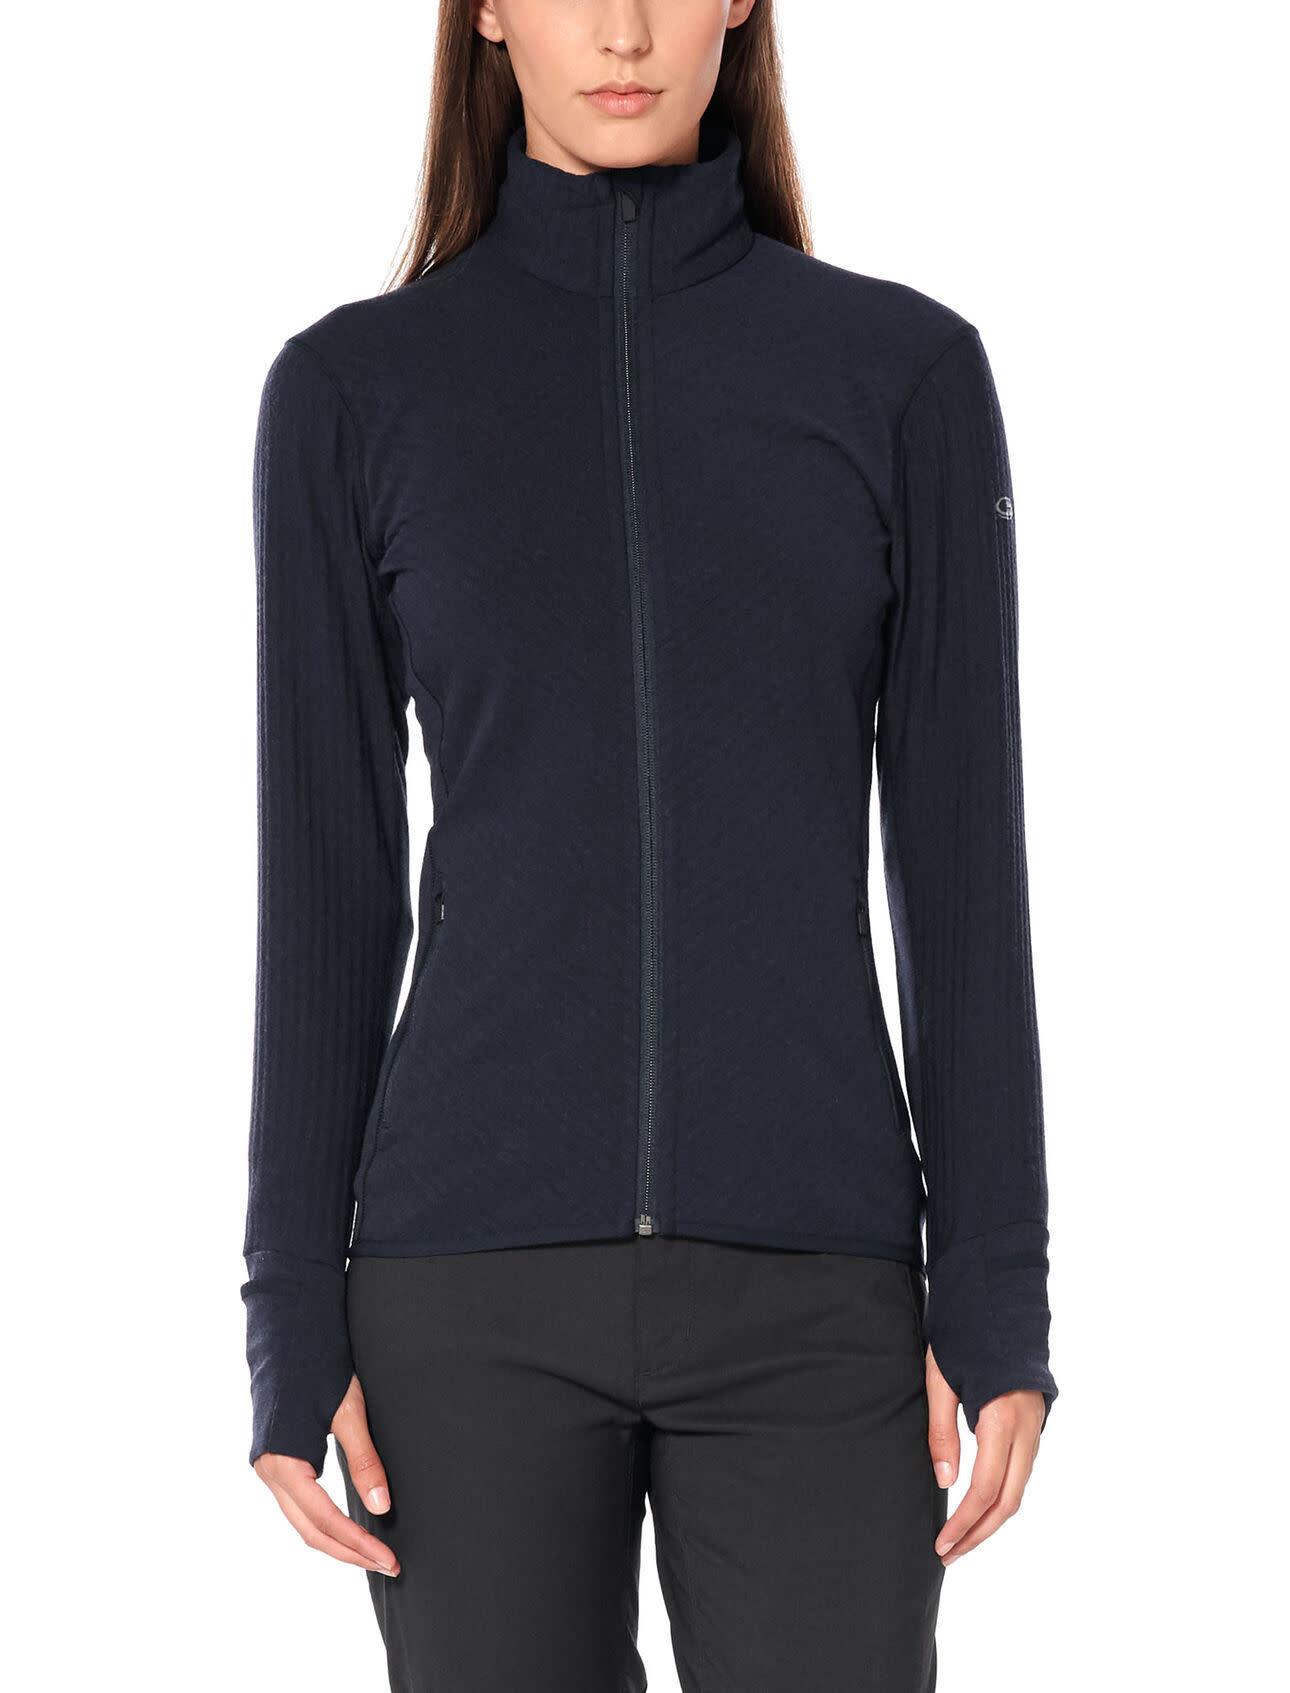 Women's Realfleece®  Descender Long Sleeve Zip-4